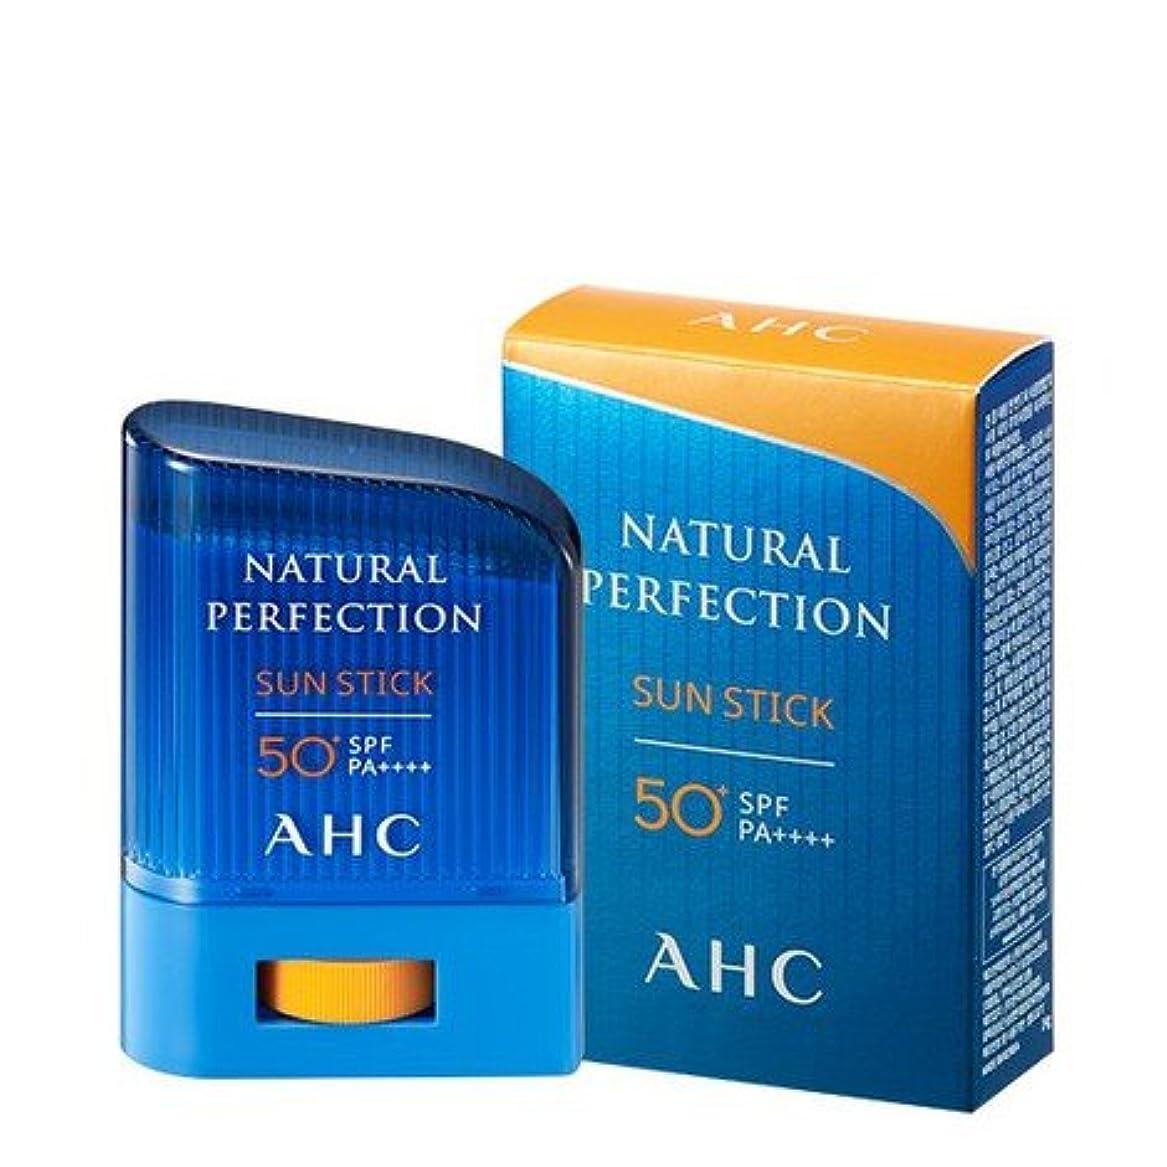 合わせて起訴する空の[Renewal 最新] AHCナチュラルパーフェクション線スティック / AHC NATURAL PERFECTION SUN STICK [SPF 50+ / PA ++++] [並行輸入品] (14g)